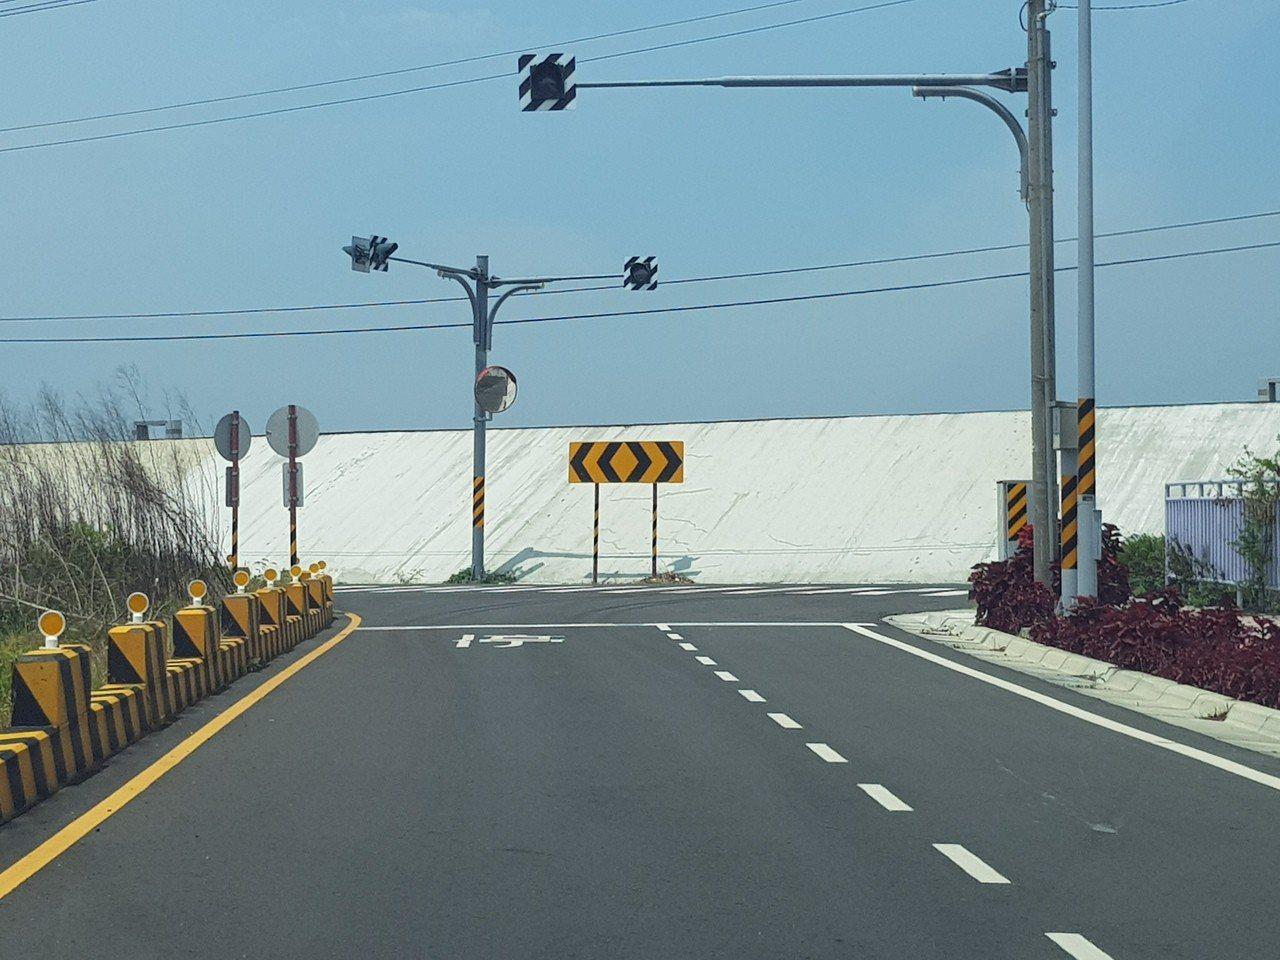 台南市安南區的台江大道已完成多時,但因跨越曾文溪的大橋尚未興建,路底撞到堤防而中...